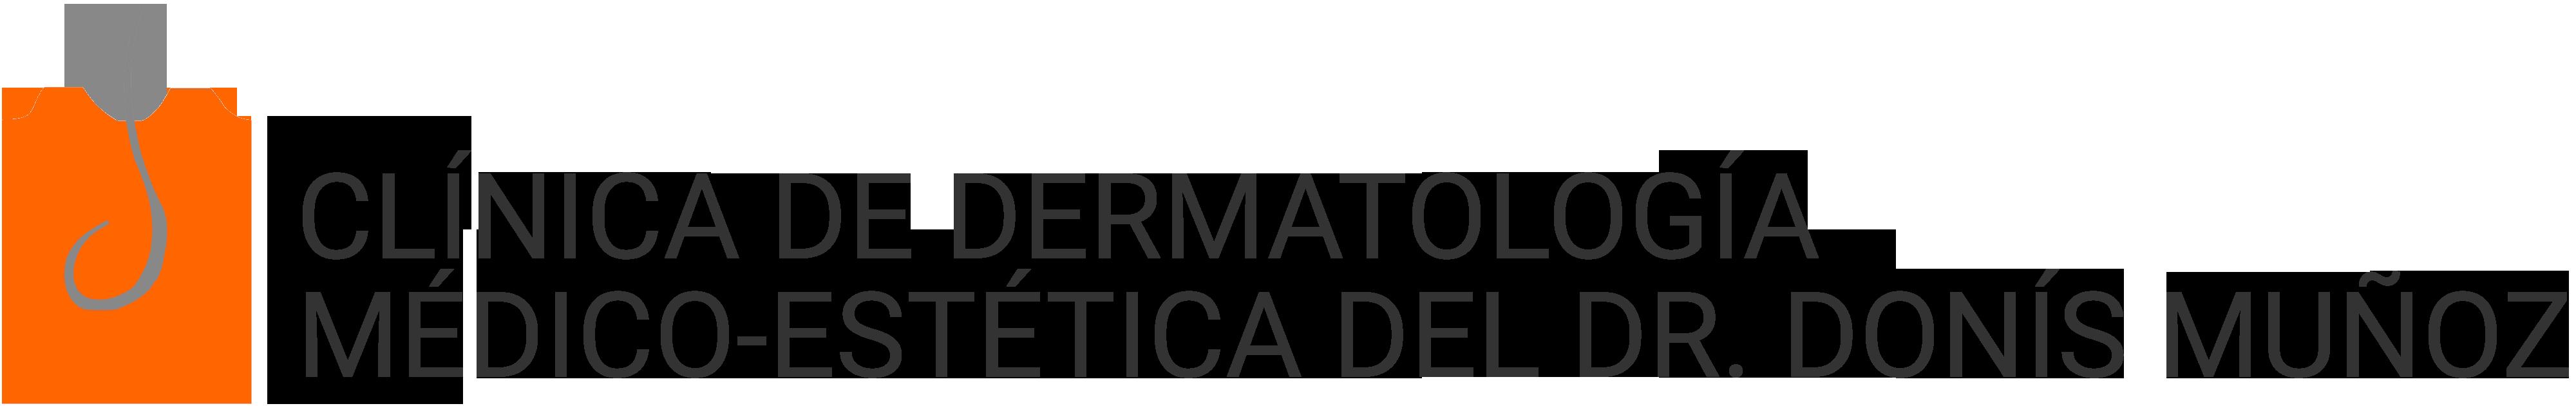 Clínica Dermatológica Dr. Donís Muñoz